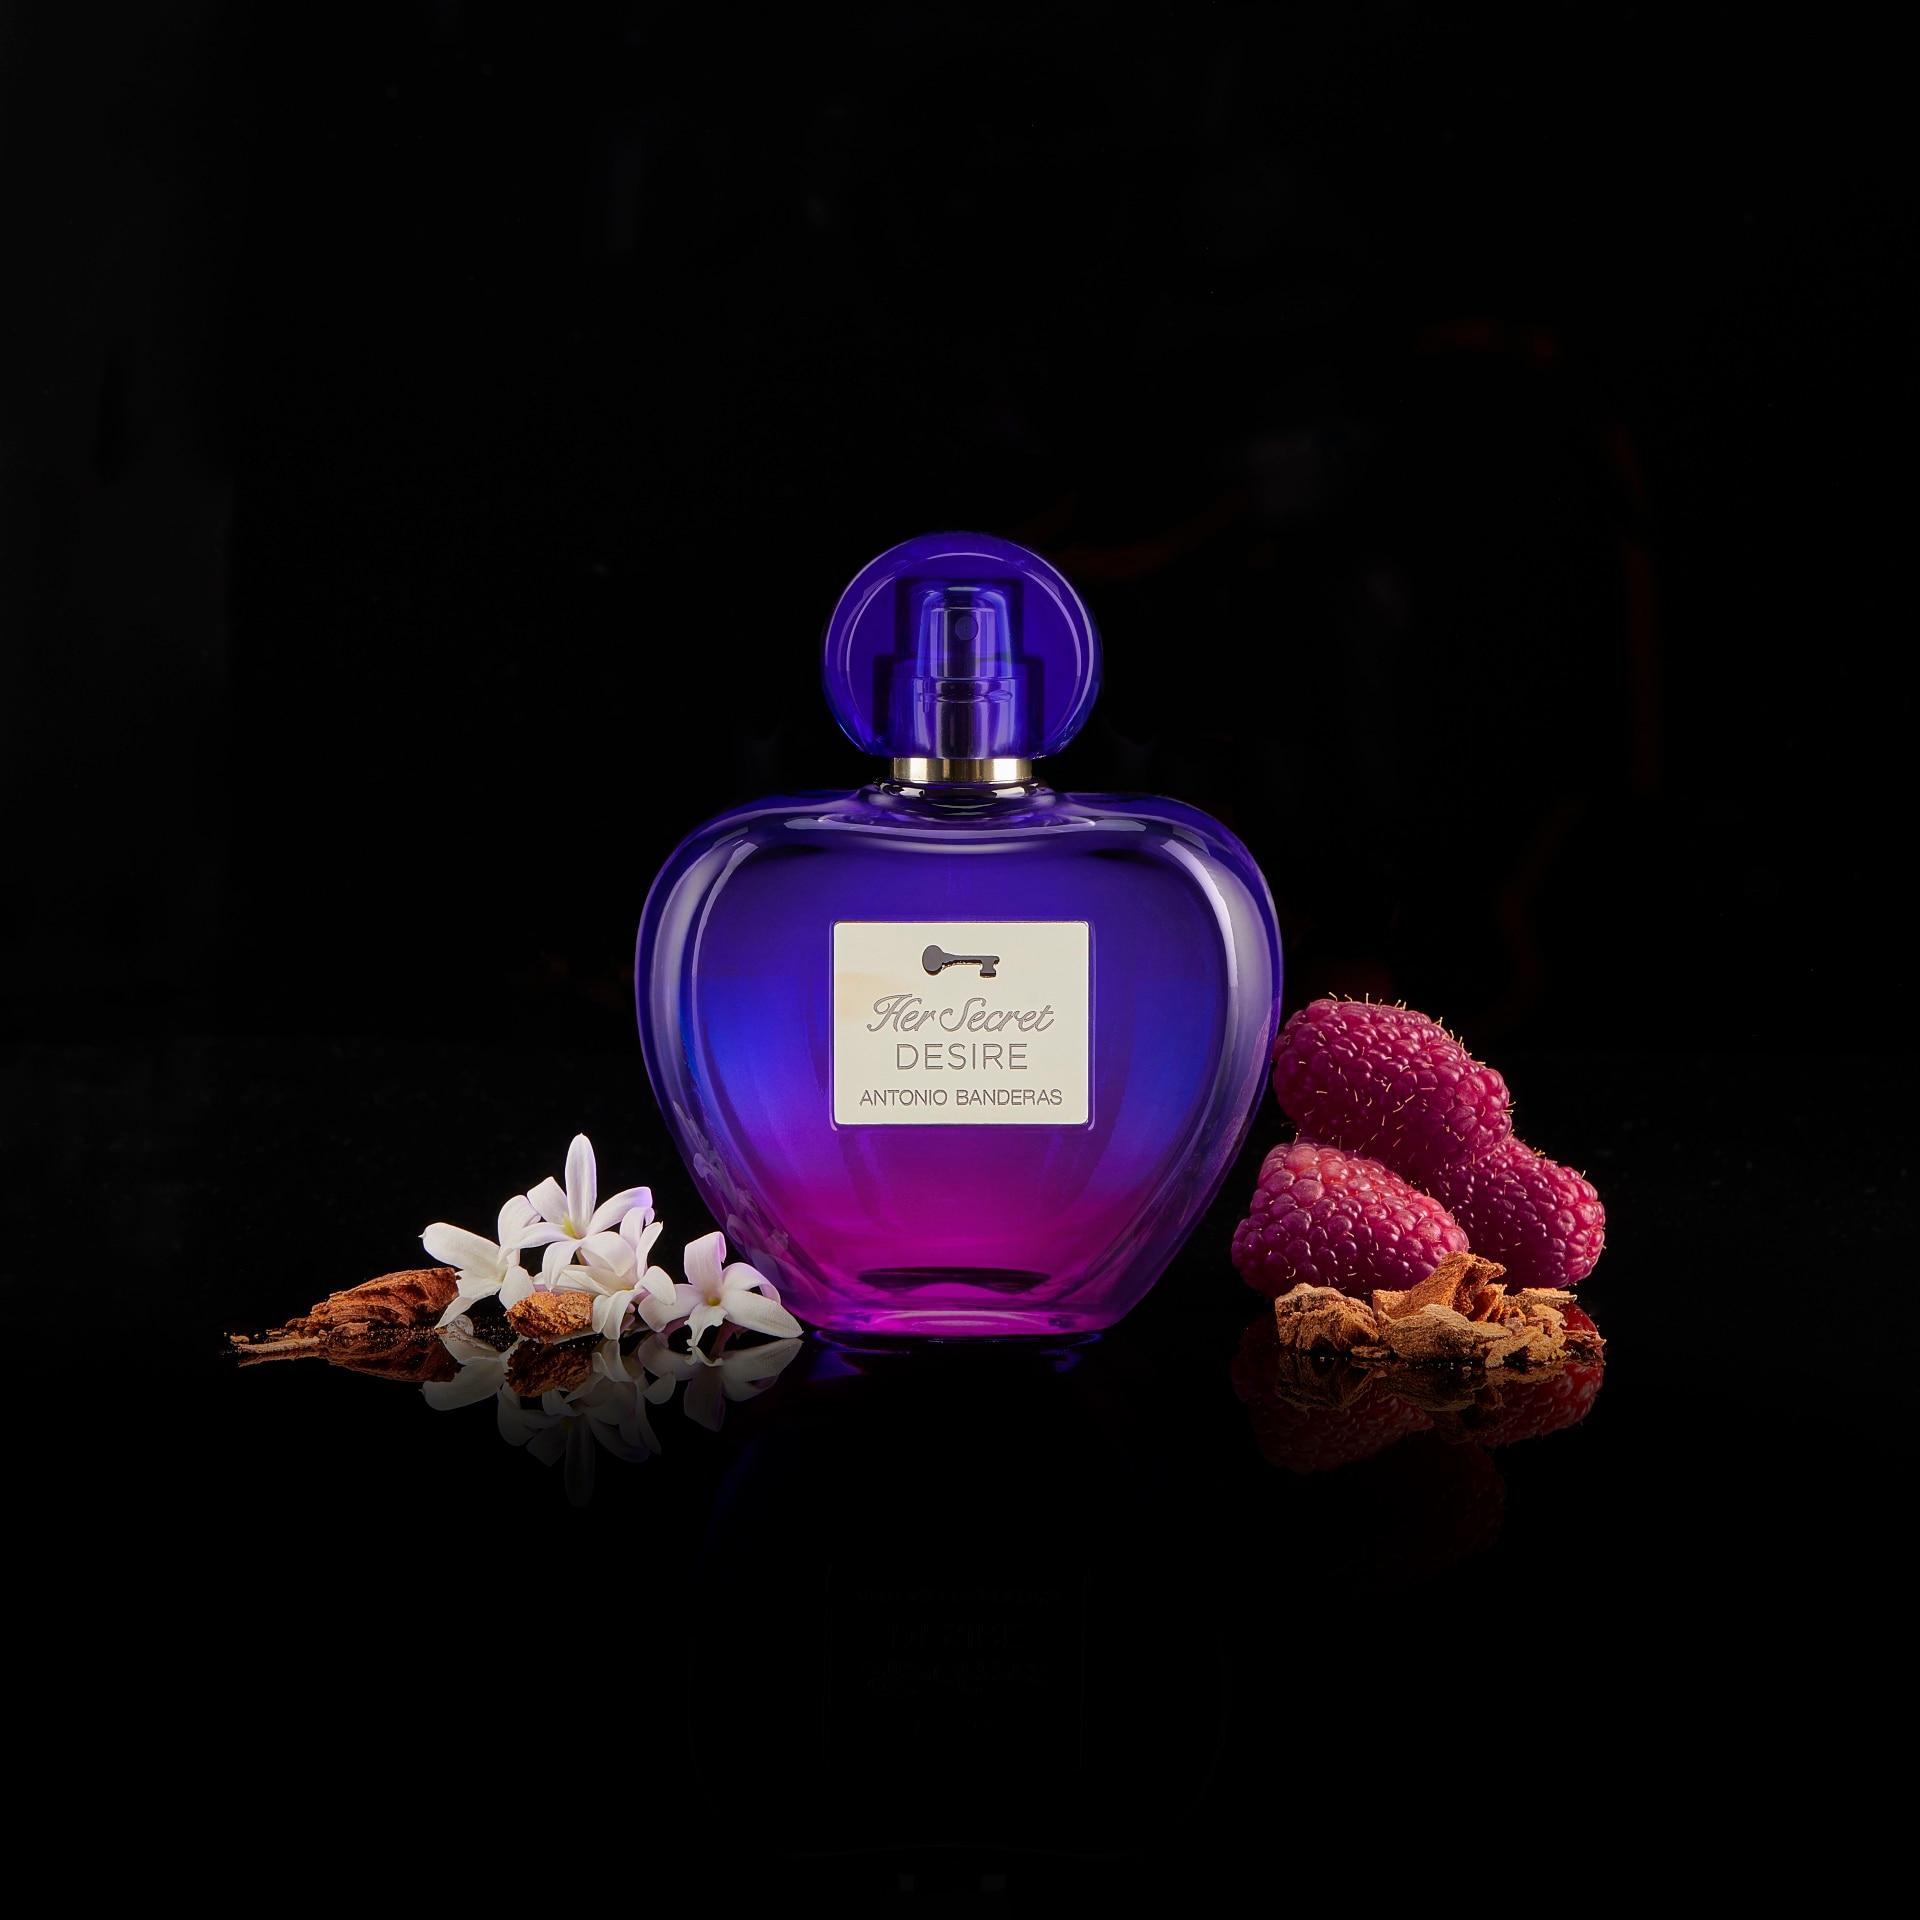 Perfume Antonio Banderas Her Secret Desire Eau De Toilette Perfume 50 Ml